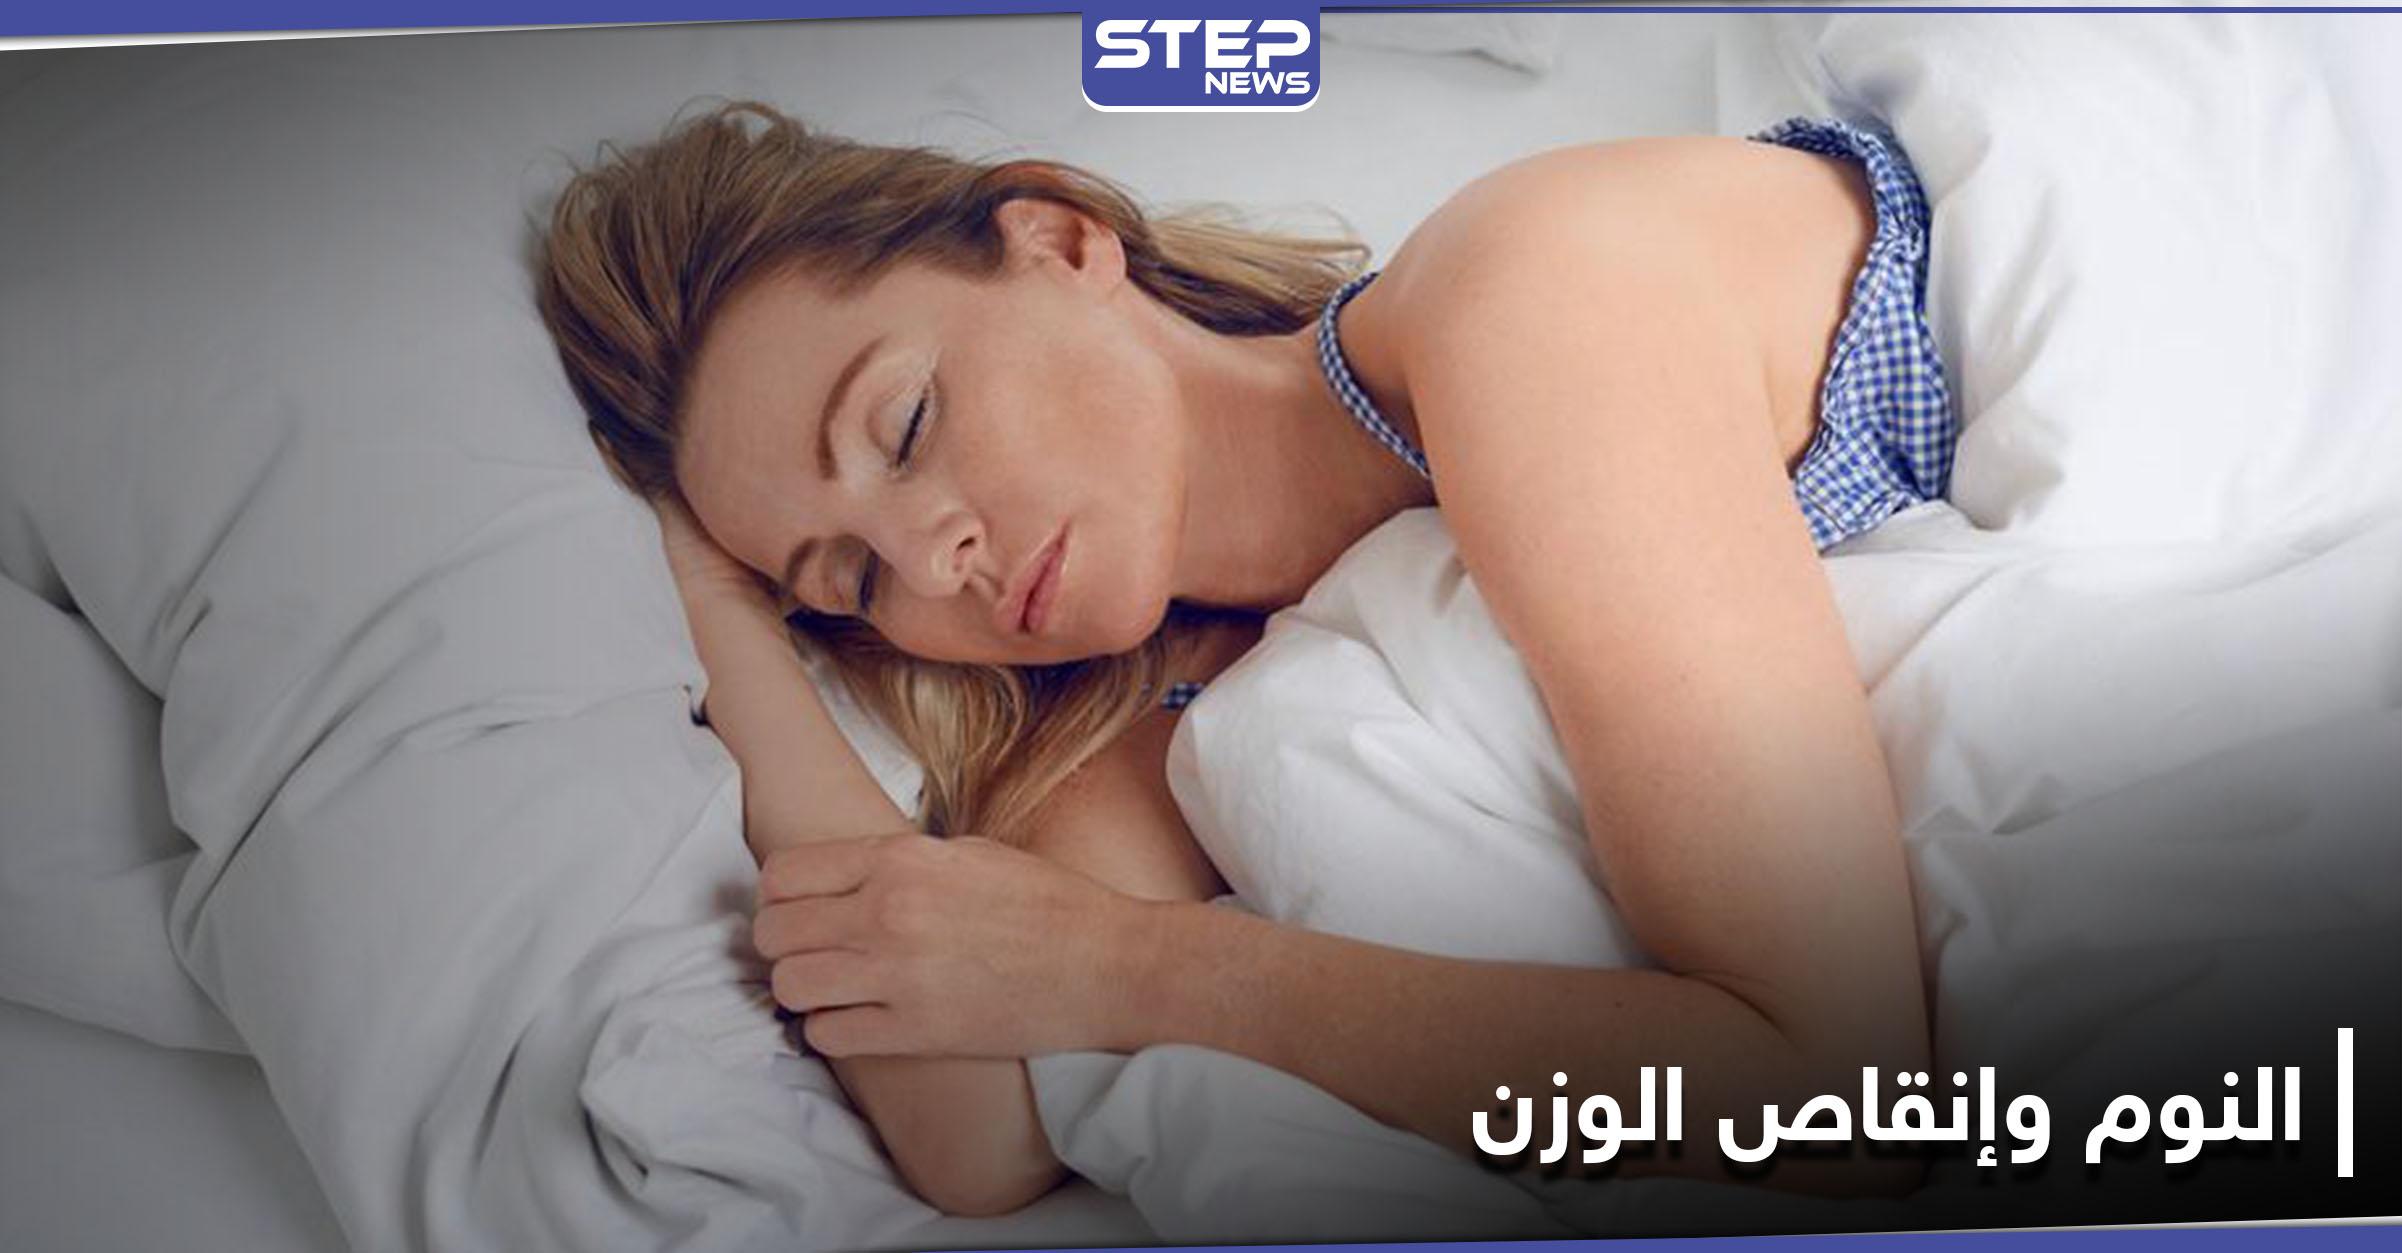 إنقاص الوزن يمكن أن يحدث أثناء النوم بطريقة واحدة